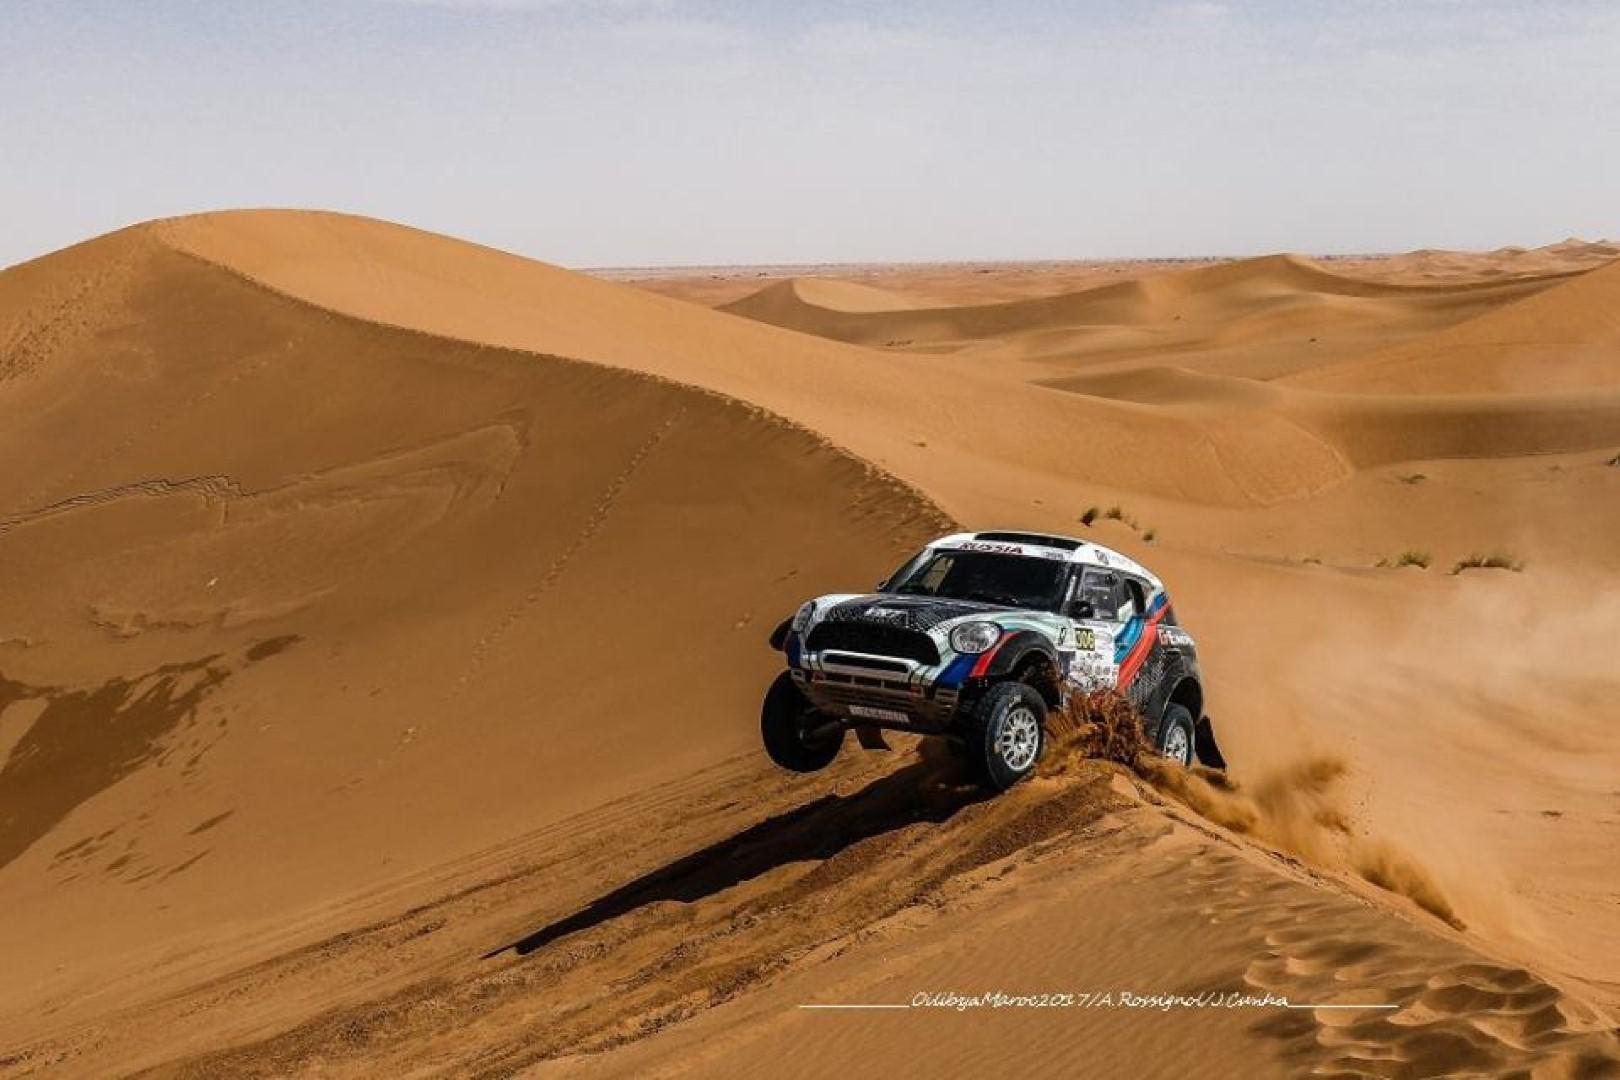 Rallye du Maroc 2018: Ouverture des inscriptions à partir du 5 avril !